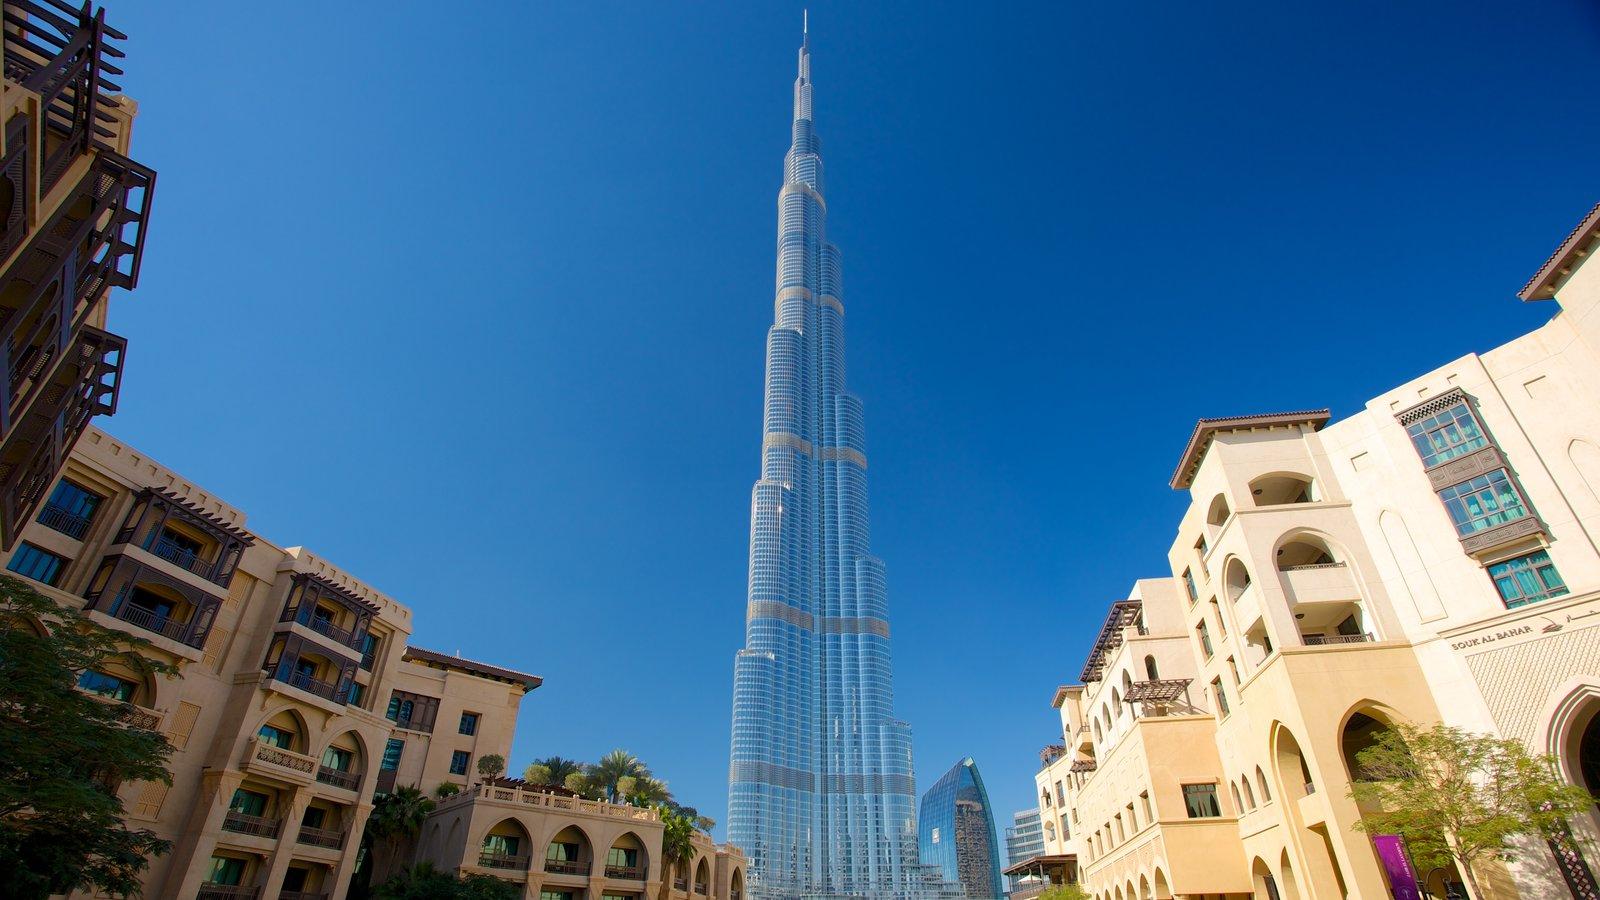 Burj Khalifa mostrando horizonte, arquitectura moderna y una ciudad